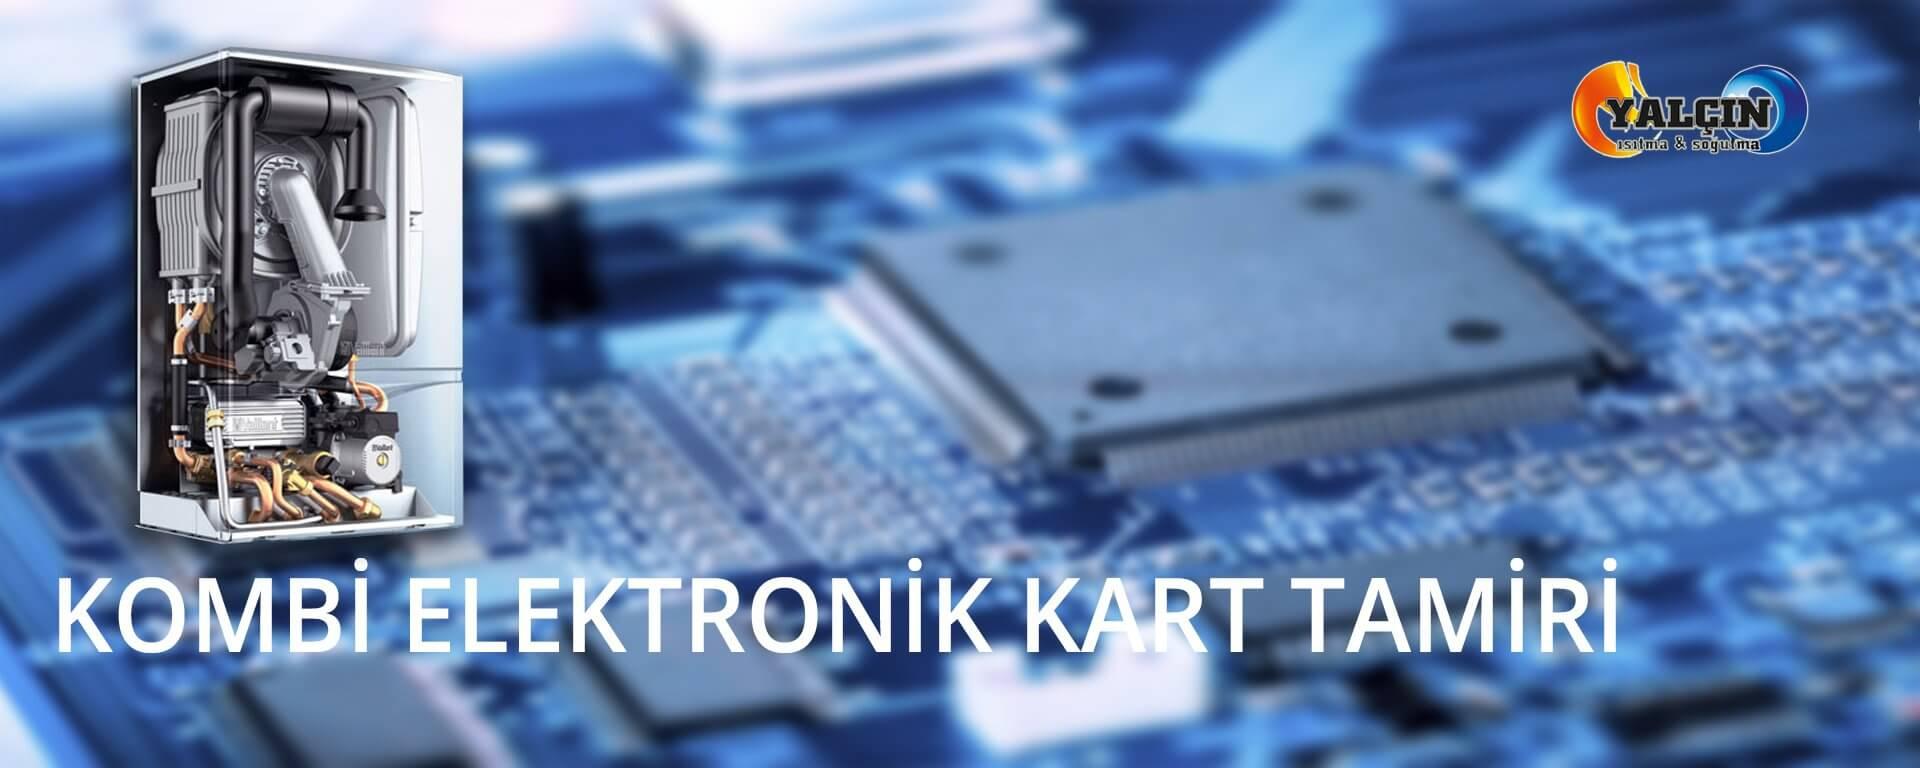 Kombi Elektronik Kart Tamiri